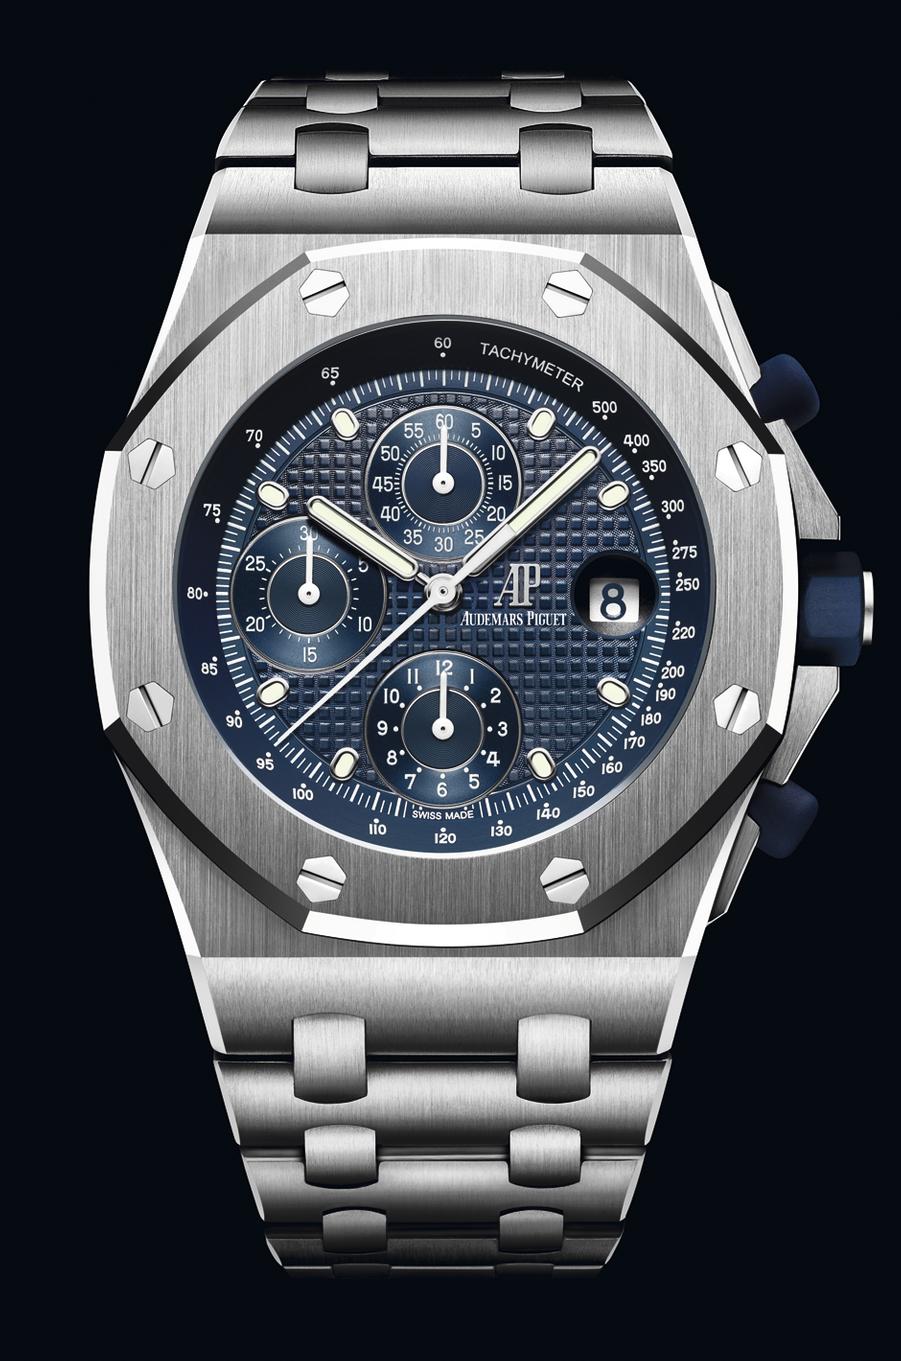 Chronographe Royal Oak Offshore en acier, 42 mm de diamètre, mouvement automatique, bracelet en acier. 28 100 €. Audemars Piguet.